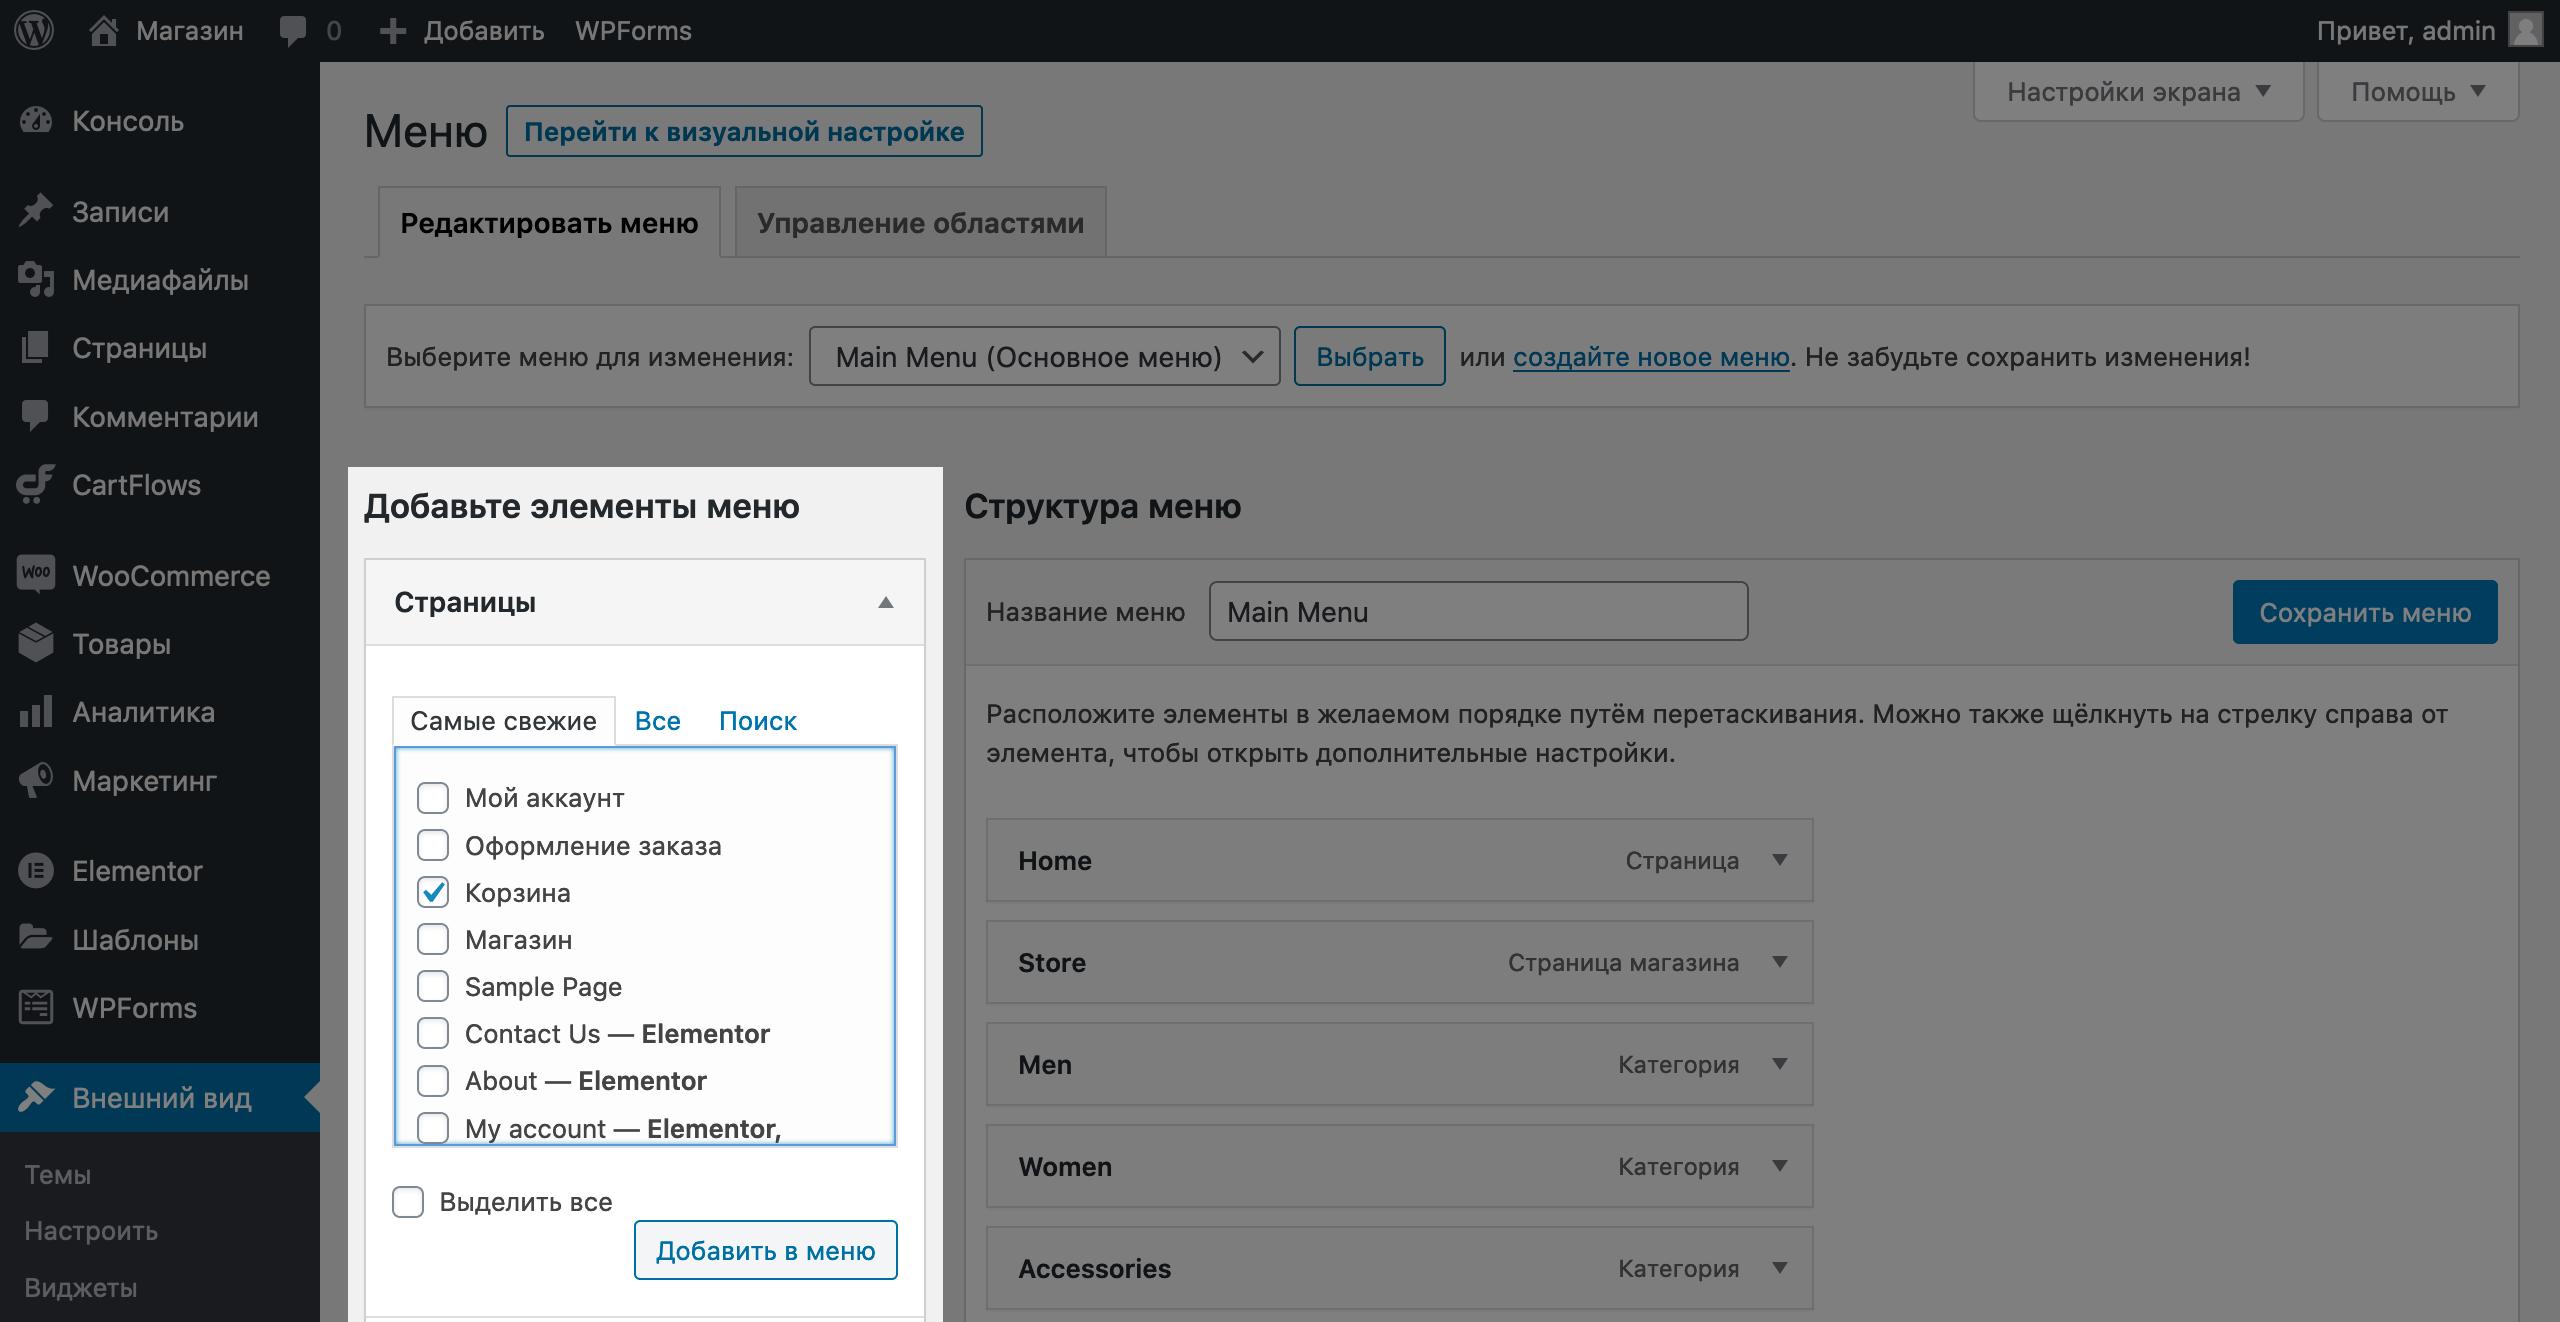 Интернет-магазин WP: добавление нового элемента в меню